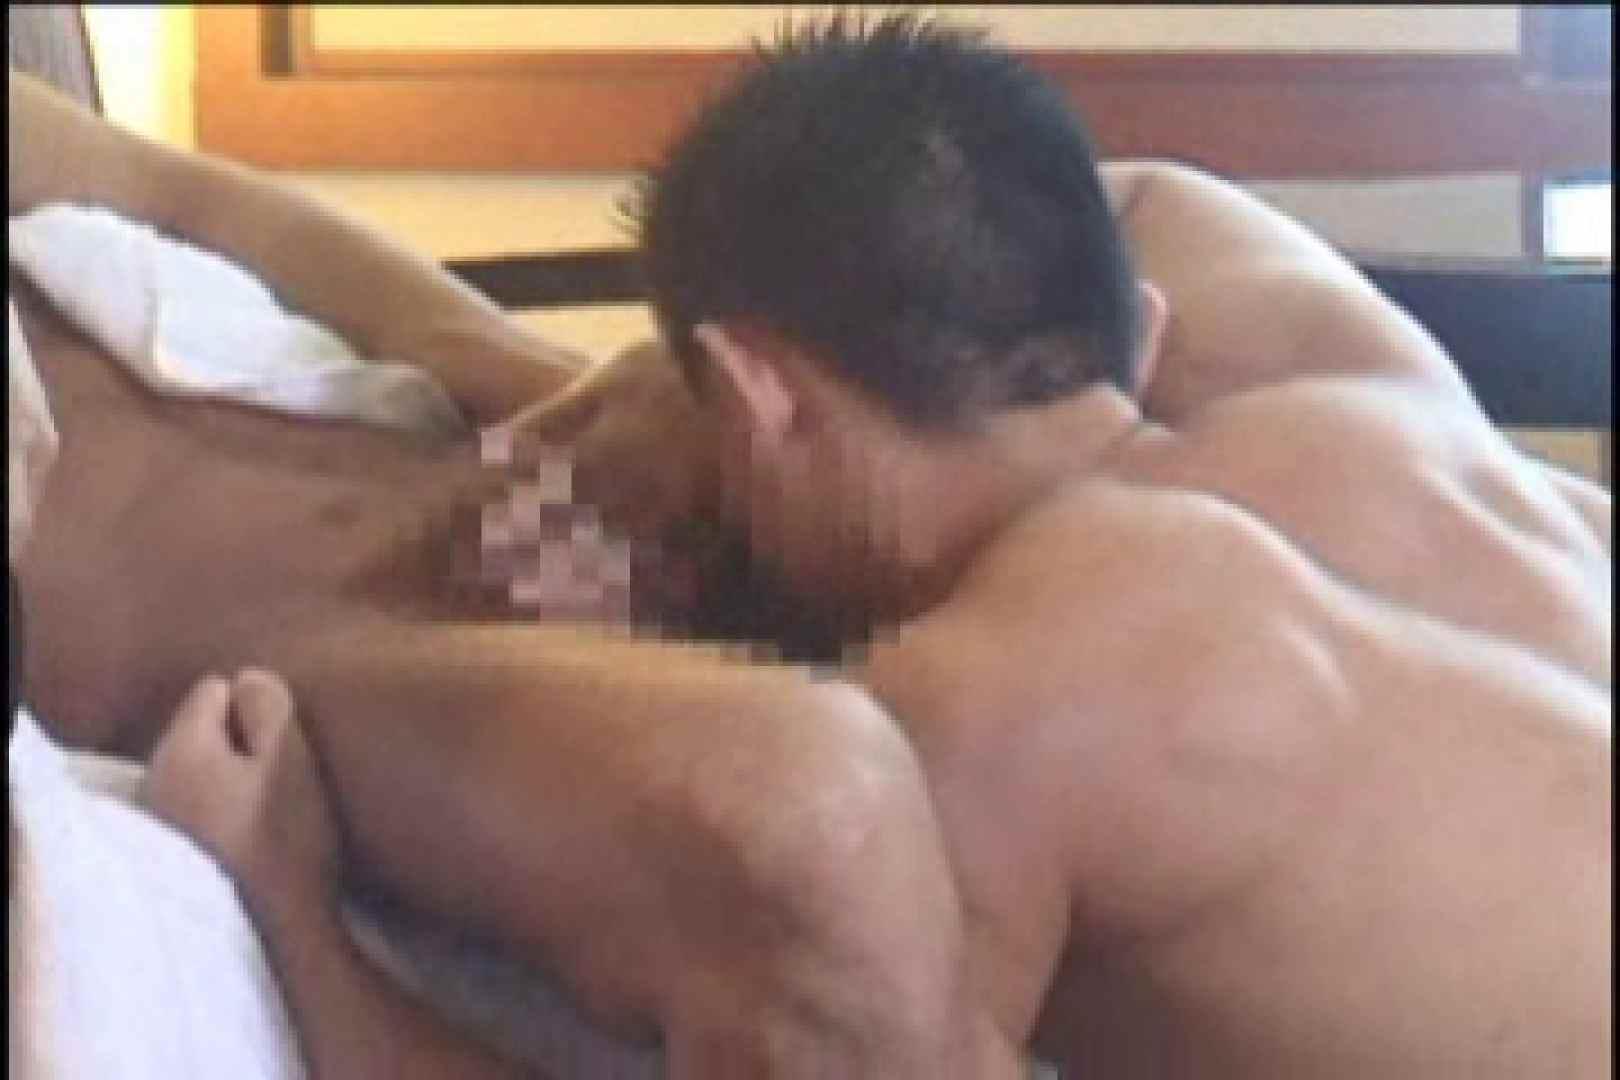 光り輝く男たちのロマンシングメモリー!!vol.09 アナル舐め ゲイセックス画像 79pic 61